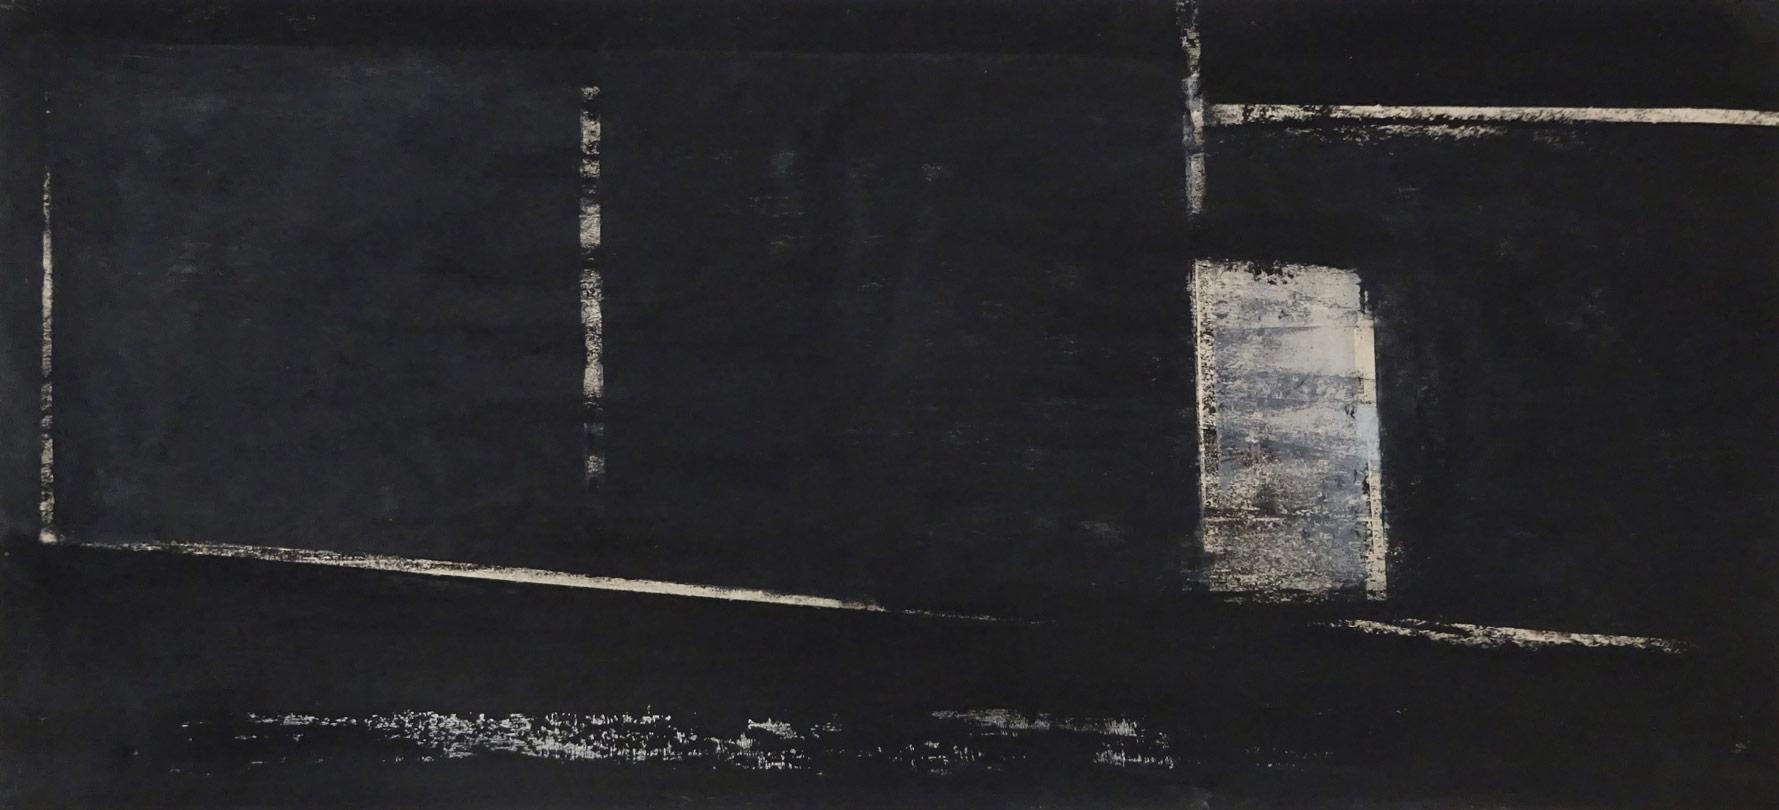 ohne titel  2021  oel/tusche auf papier  36,5 x 81,5 cm